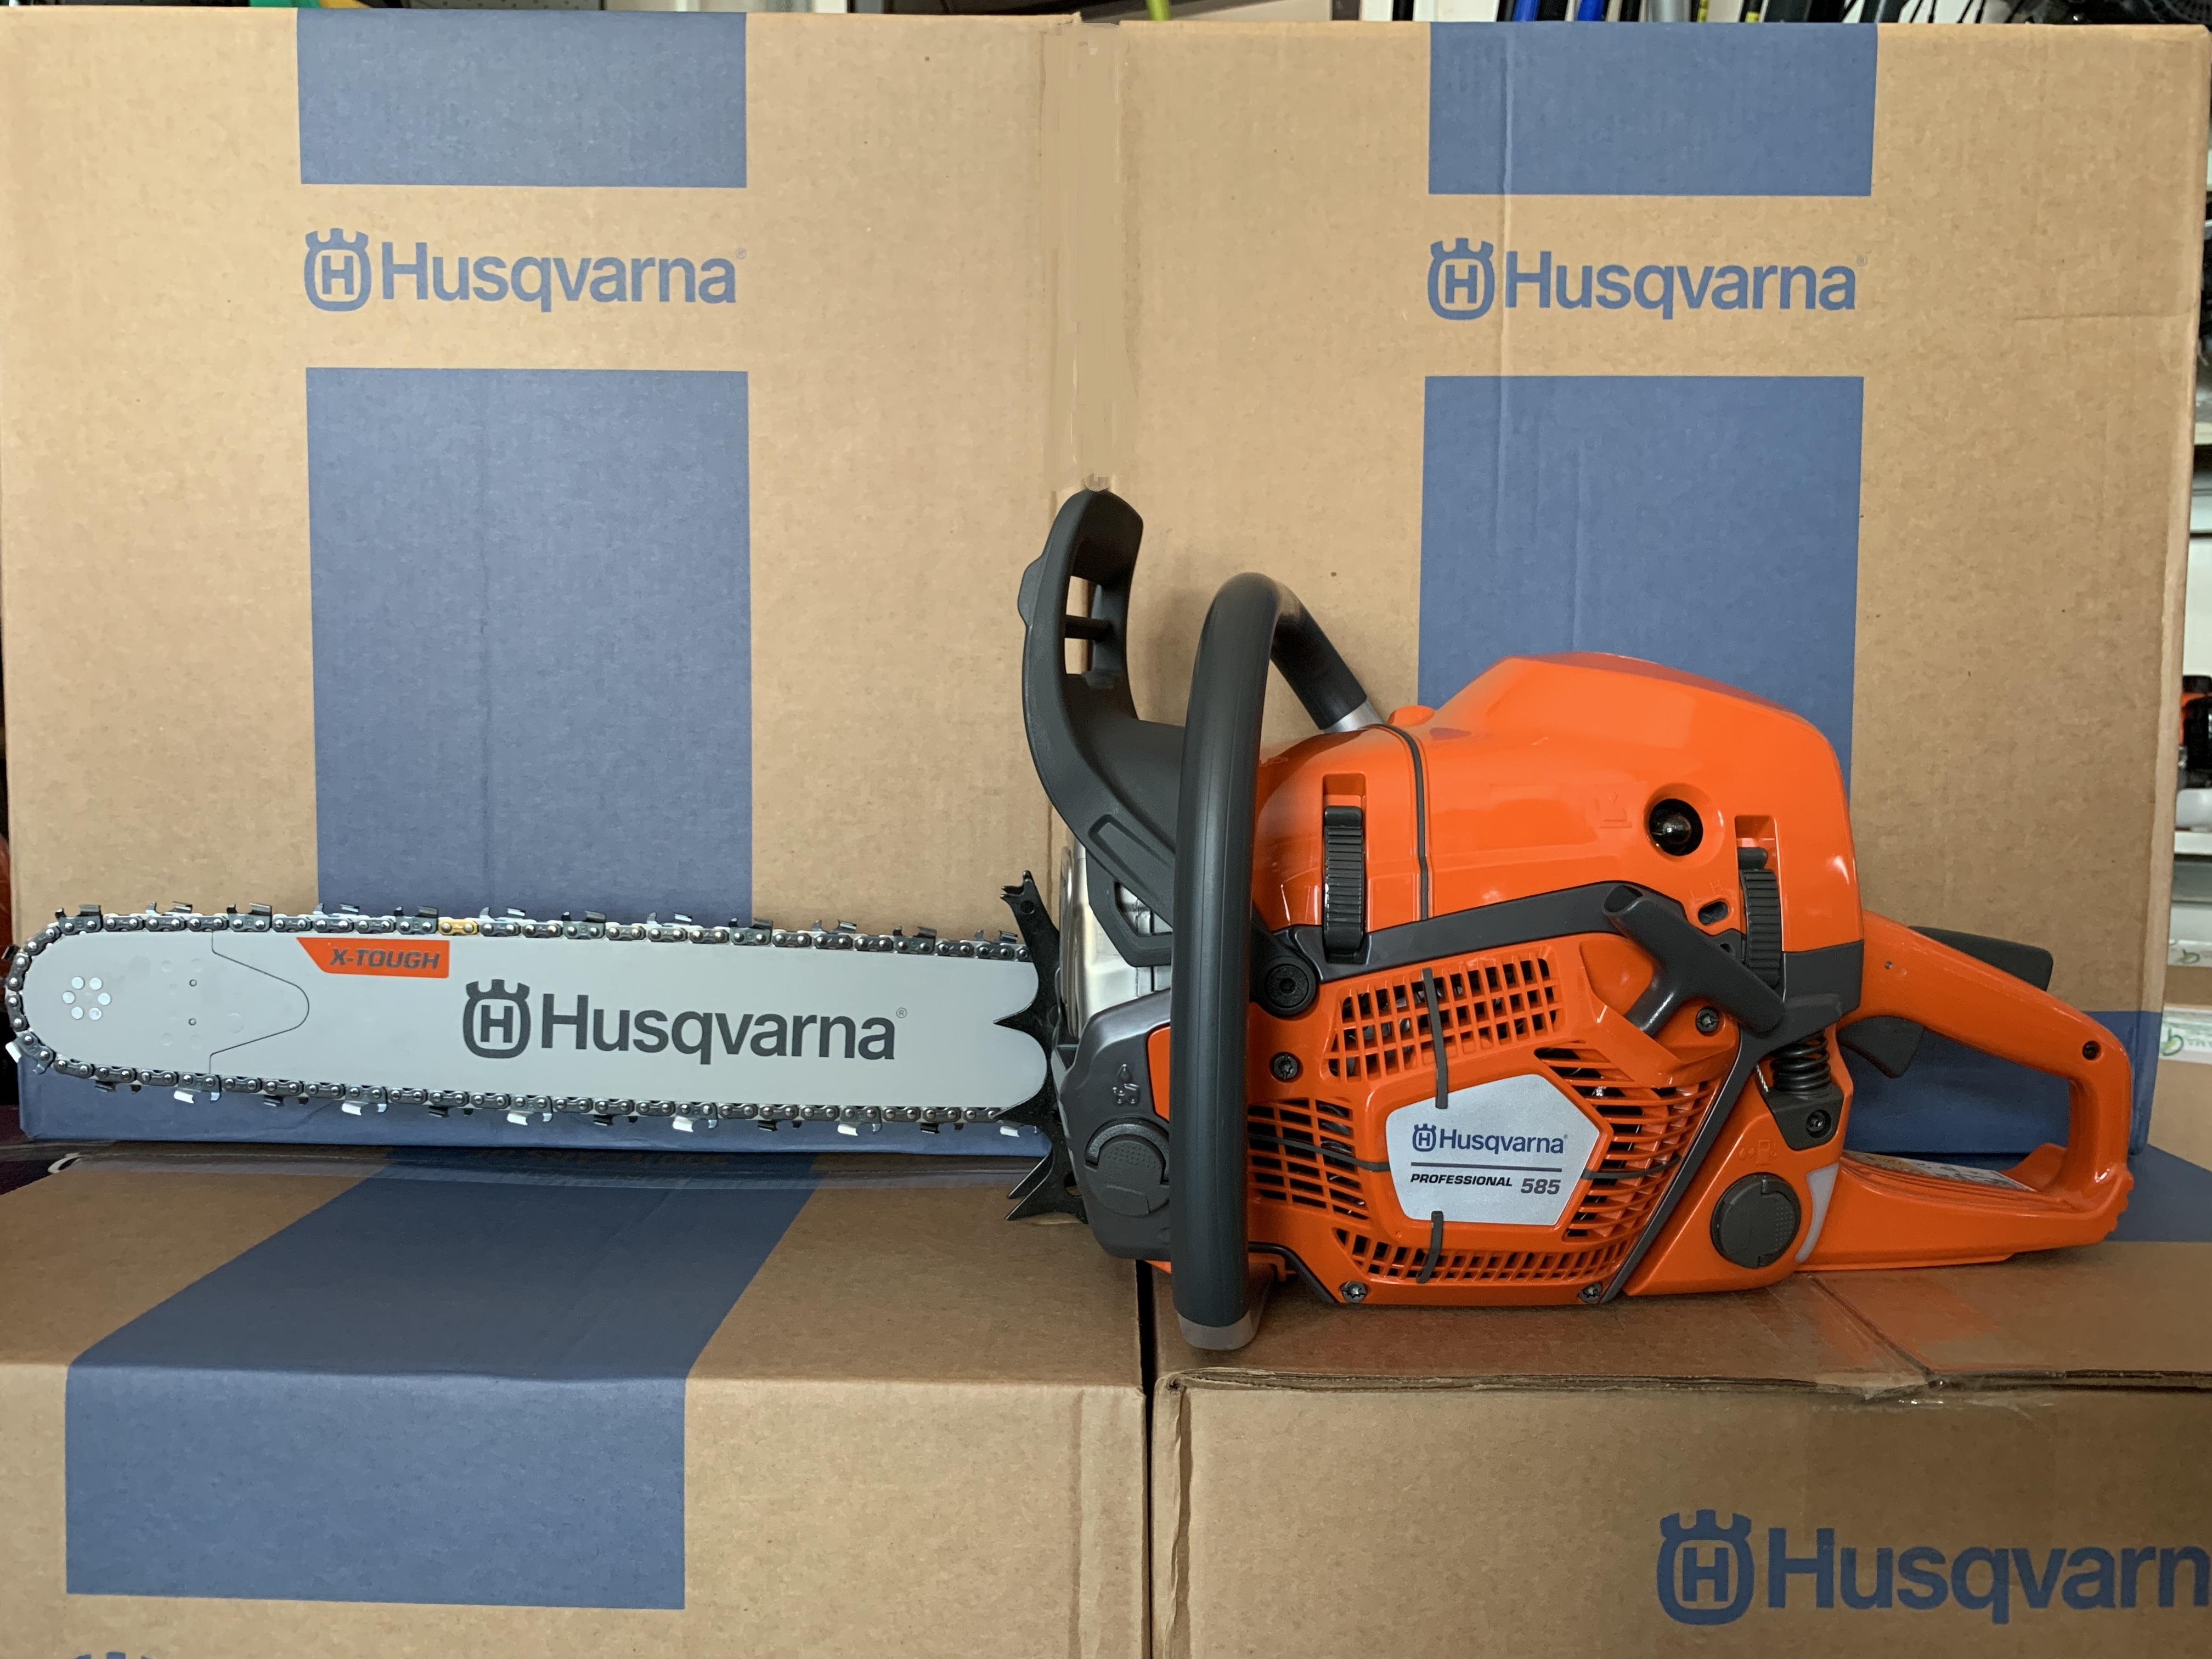 MOTOSEGA HUSQVARNA PROFESSIONALE 585 nuovo modello - 86 cc - 5,1 Kw - BARRA 50